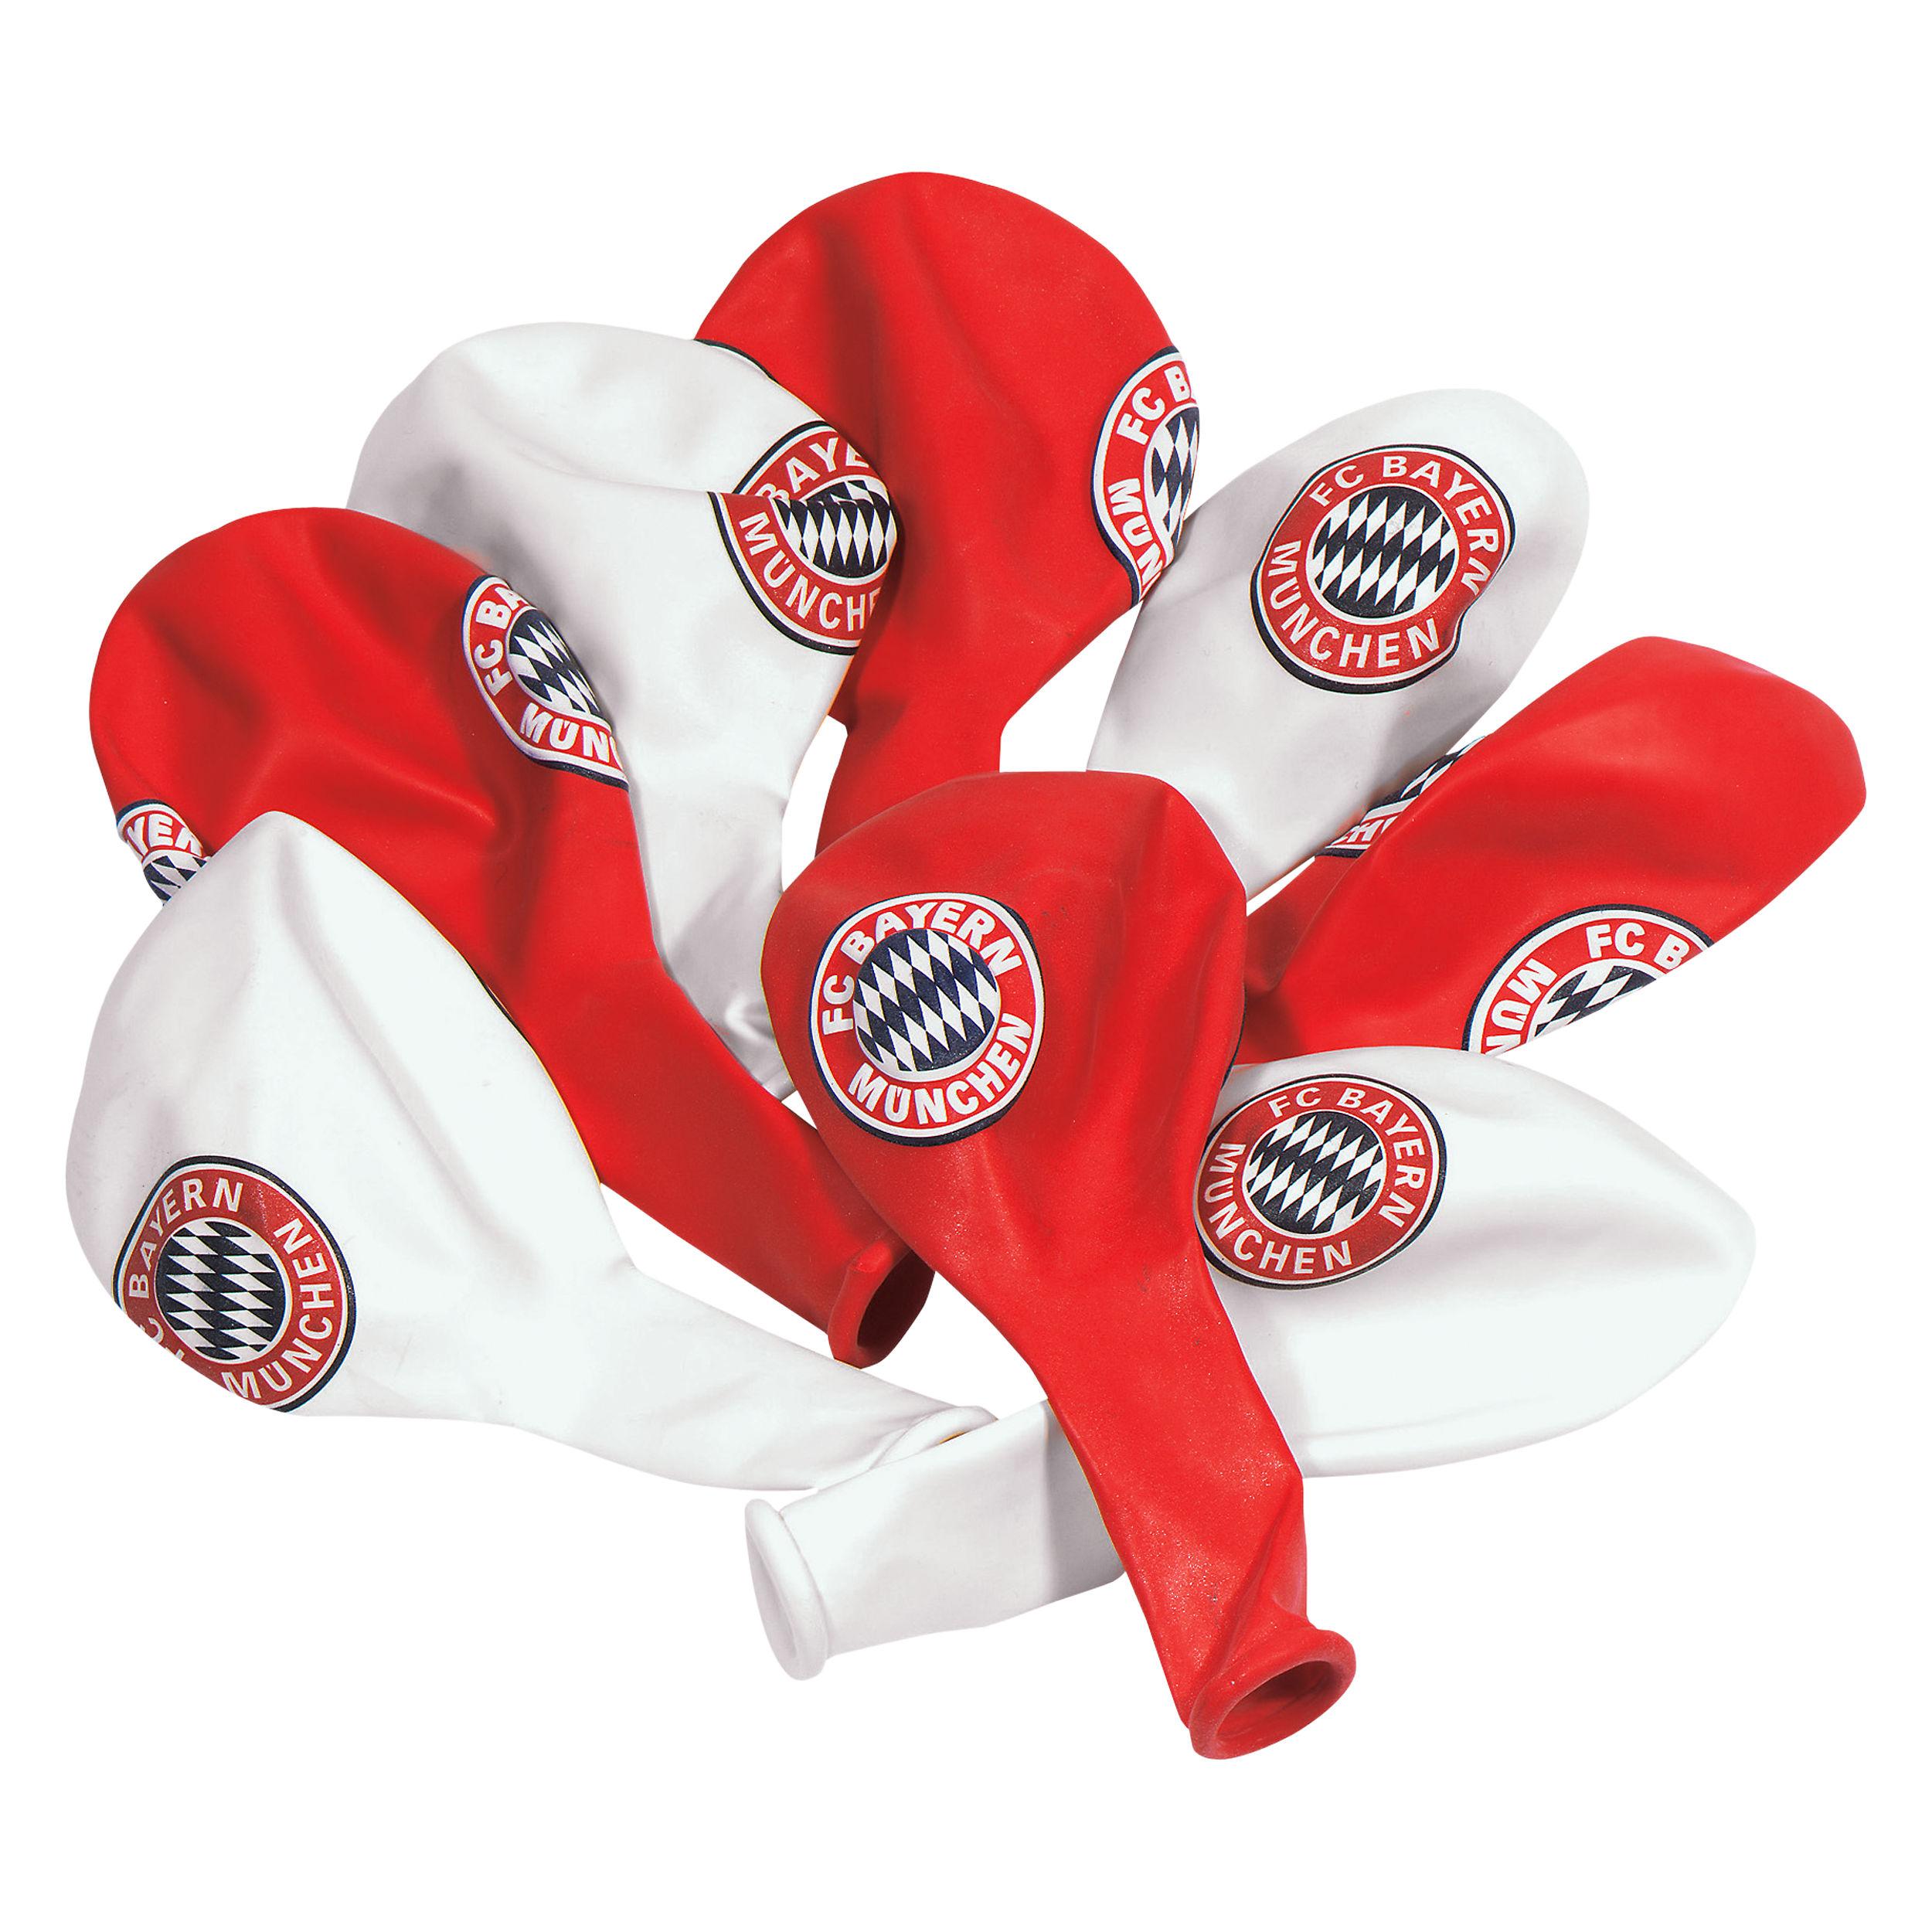 Luftballons FC Bayern München (10 Stück)